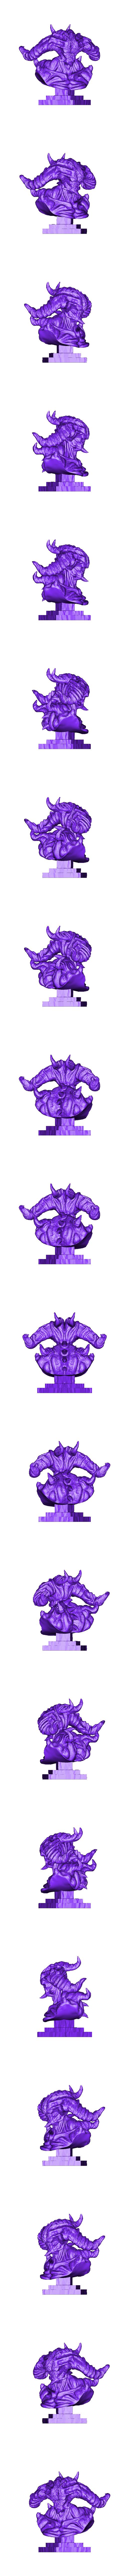 Demon Head + Base OBJ.obj Télécharger fichier OBJ Modèle d'impression 3D du buste du démon • Design imprimable en 3D, belksasar3dprint